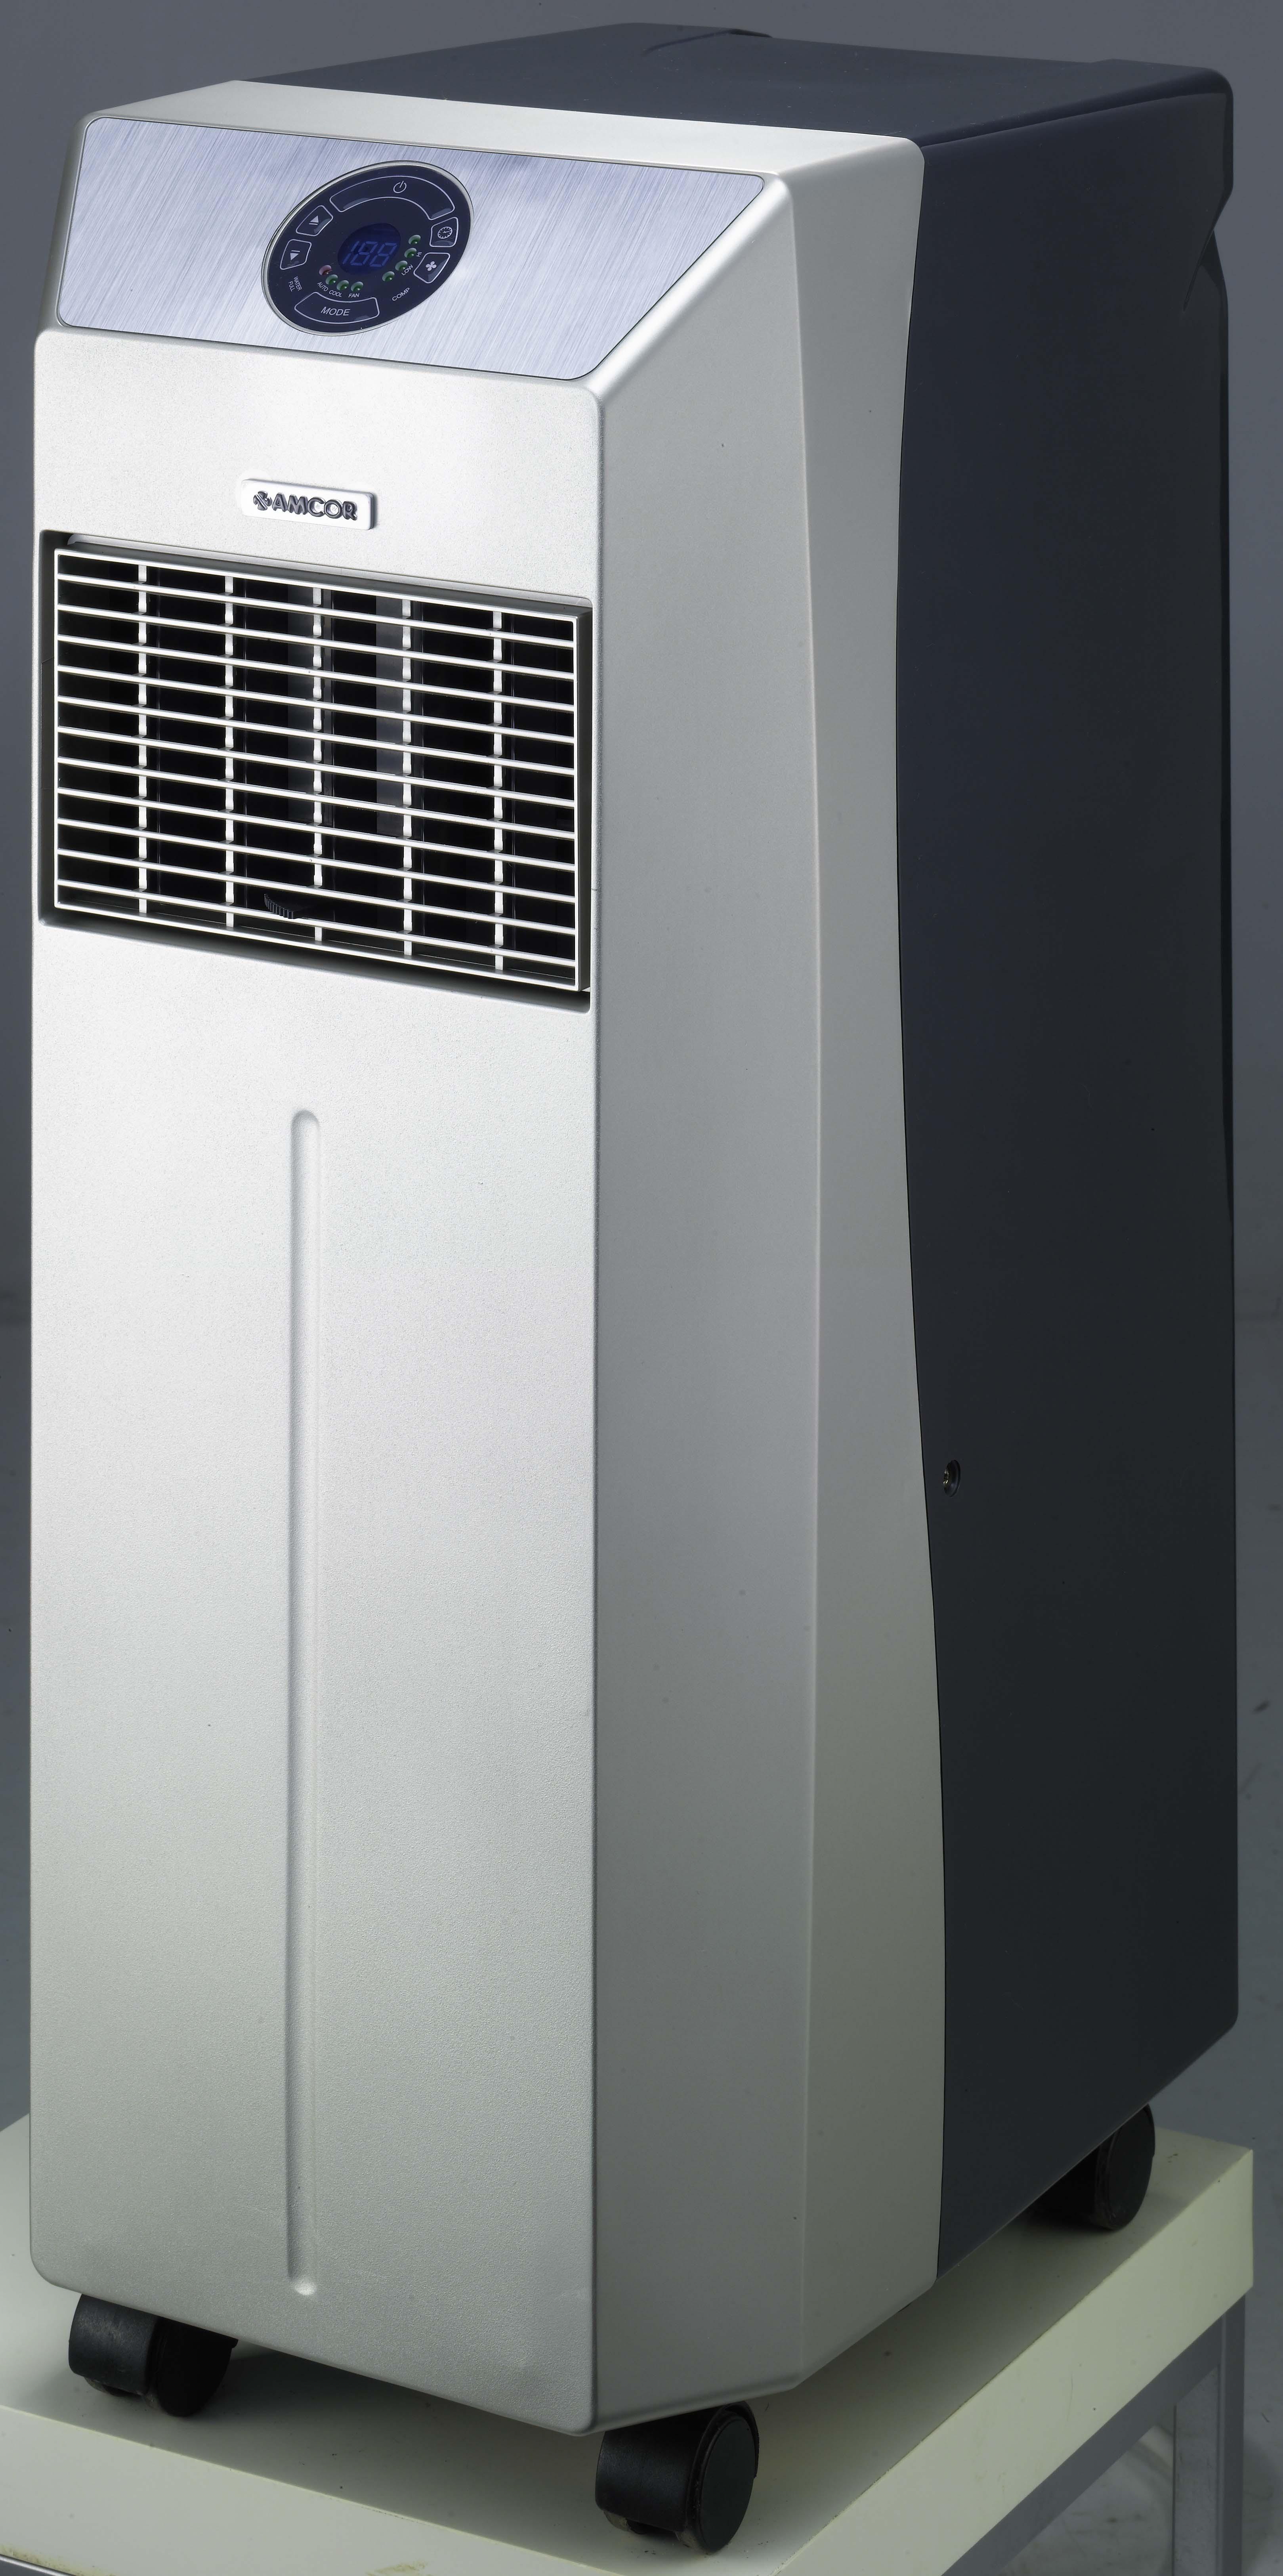 Buzdolab�, LCD Tv, Blu-Ray Oynat�c�, Cep Tel.,Mikrodalga, Klima Foto�raflar�